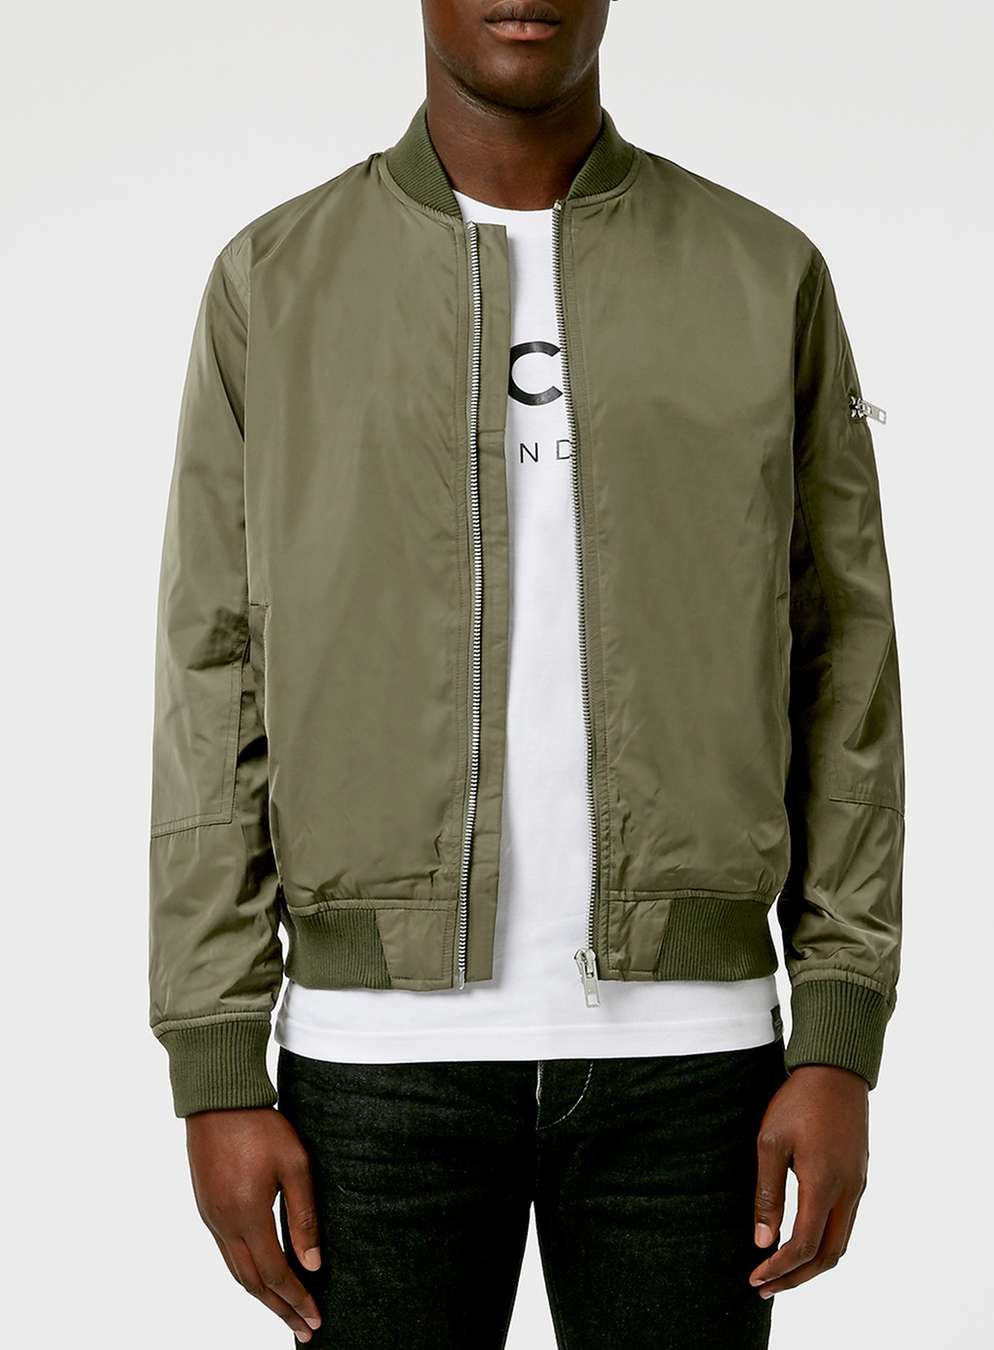 Khaki Bomber Jacket | Khakis